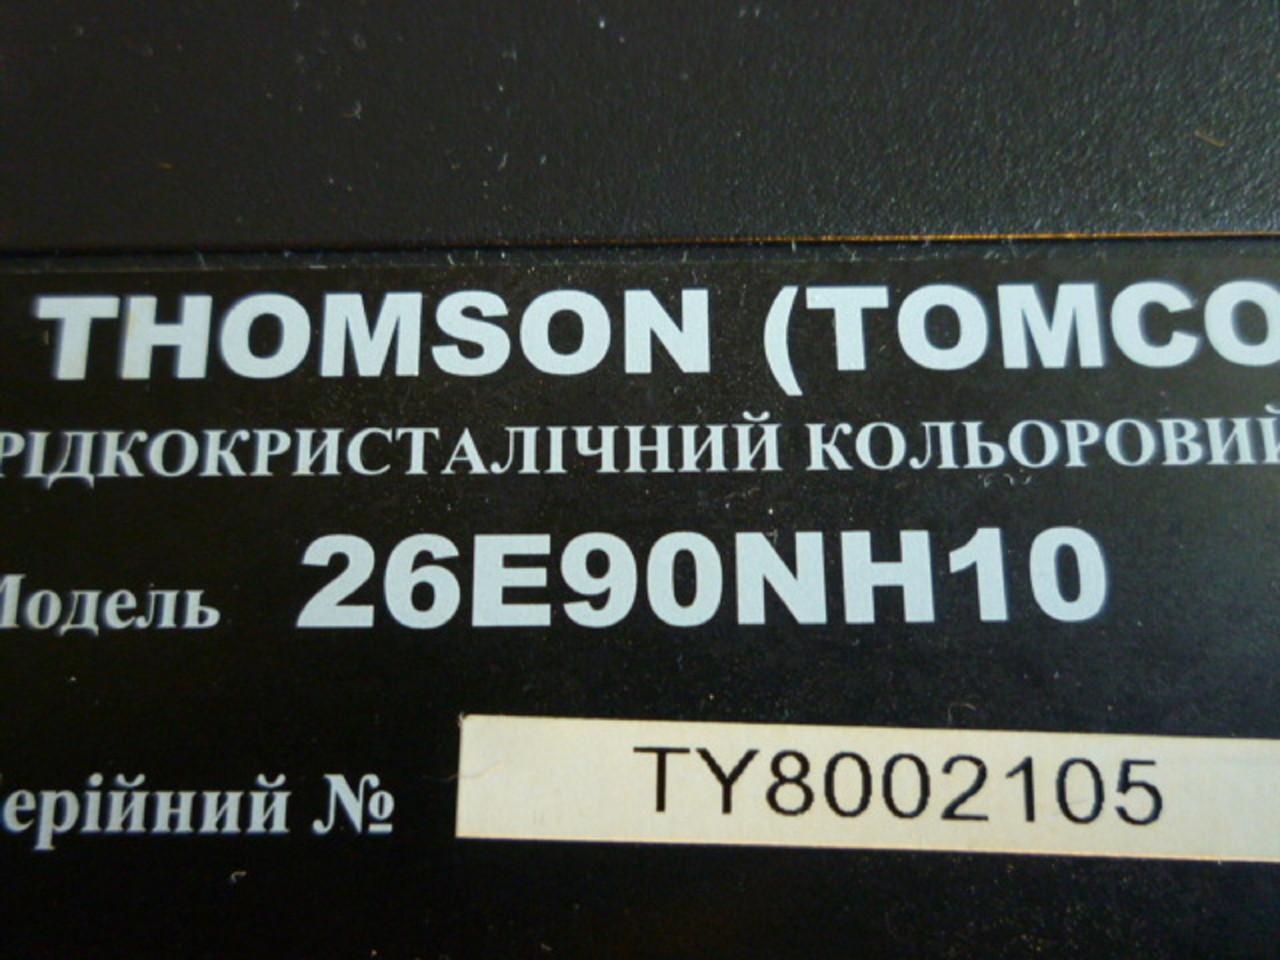 Платы от LCD TV Thomson 26E90NH10 поблочно (матрица разбита).